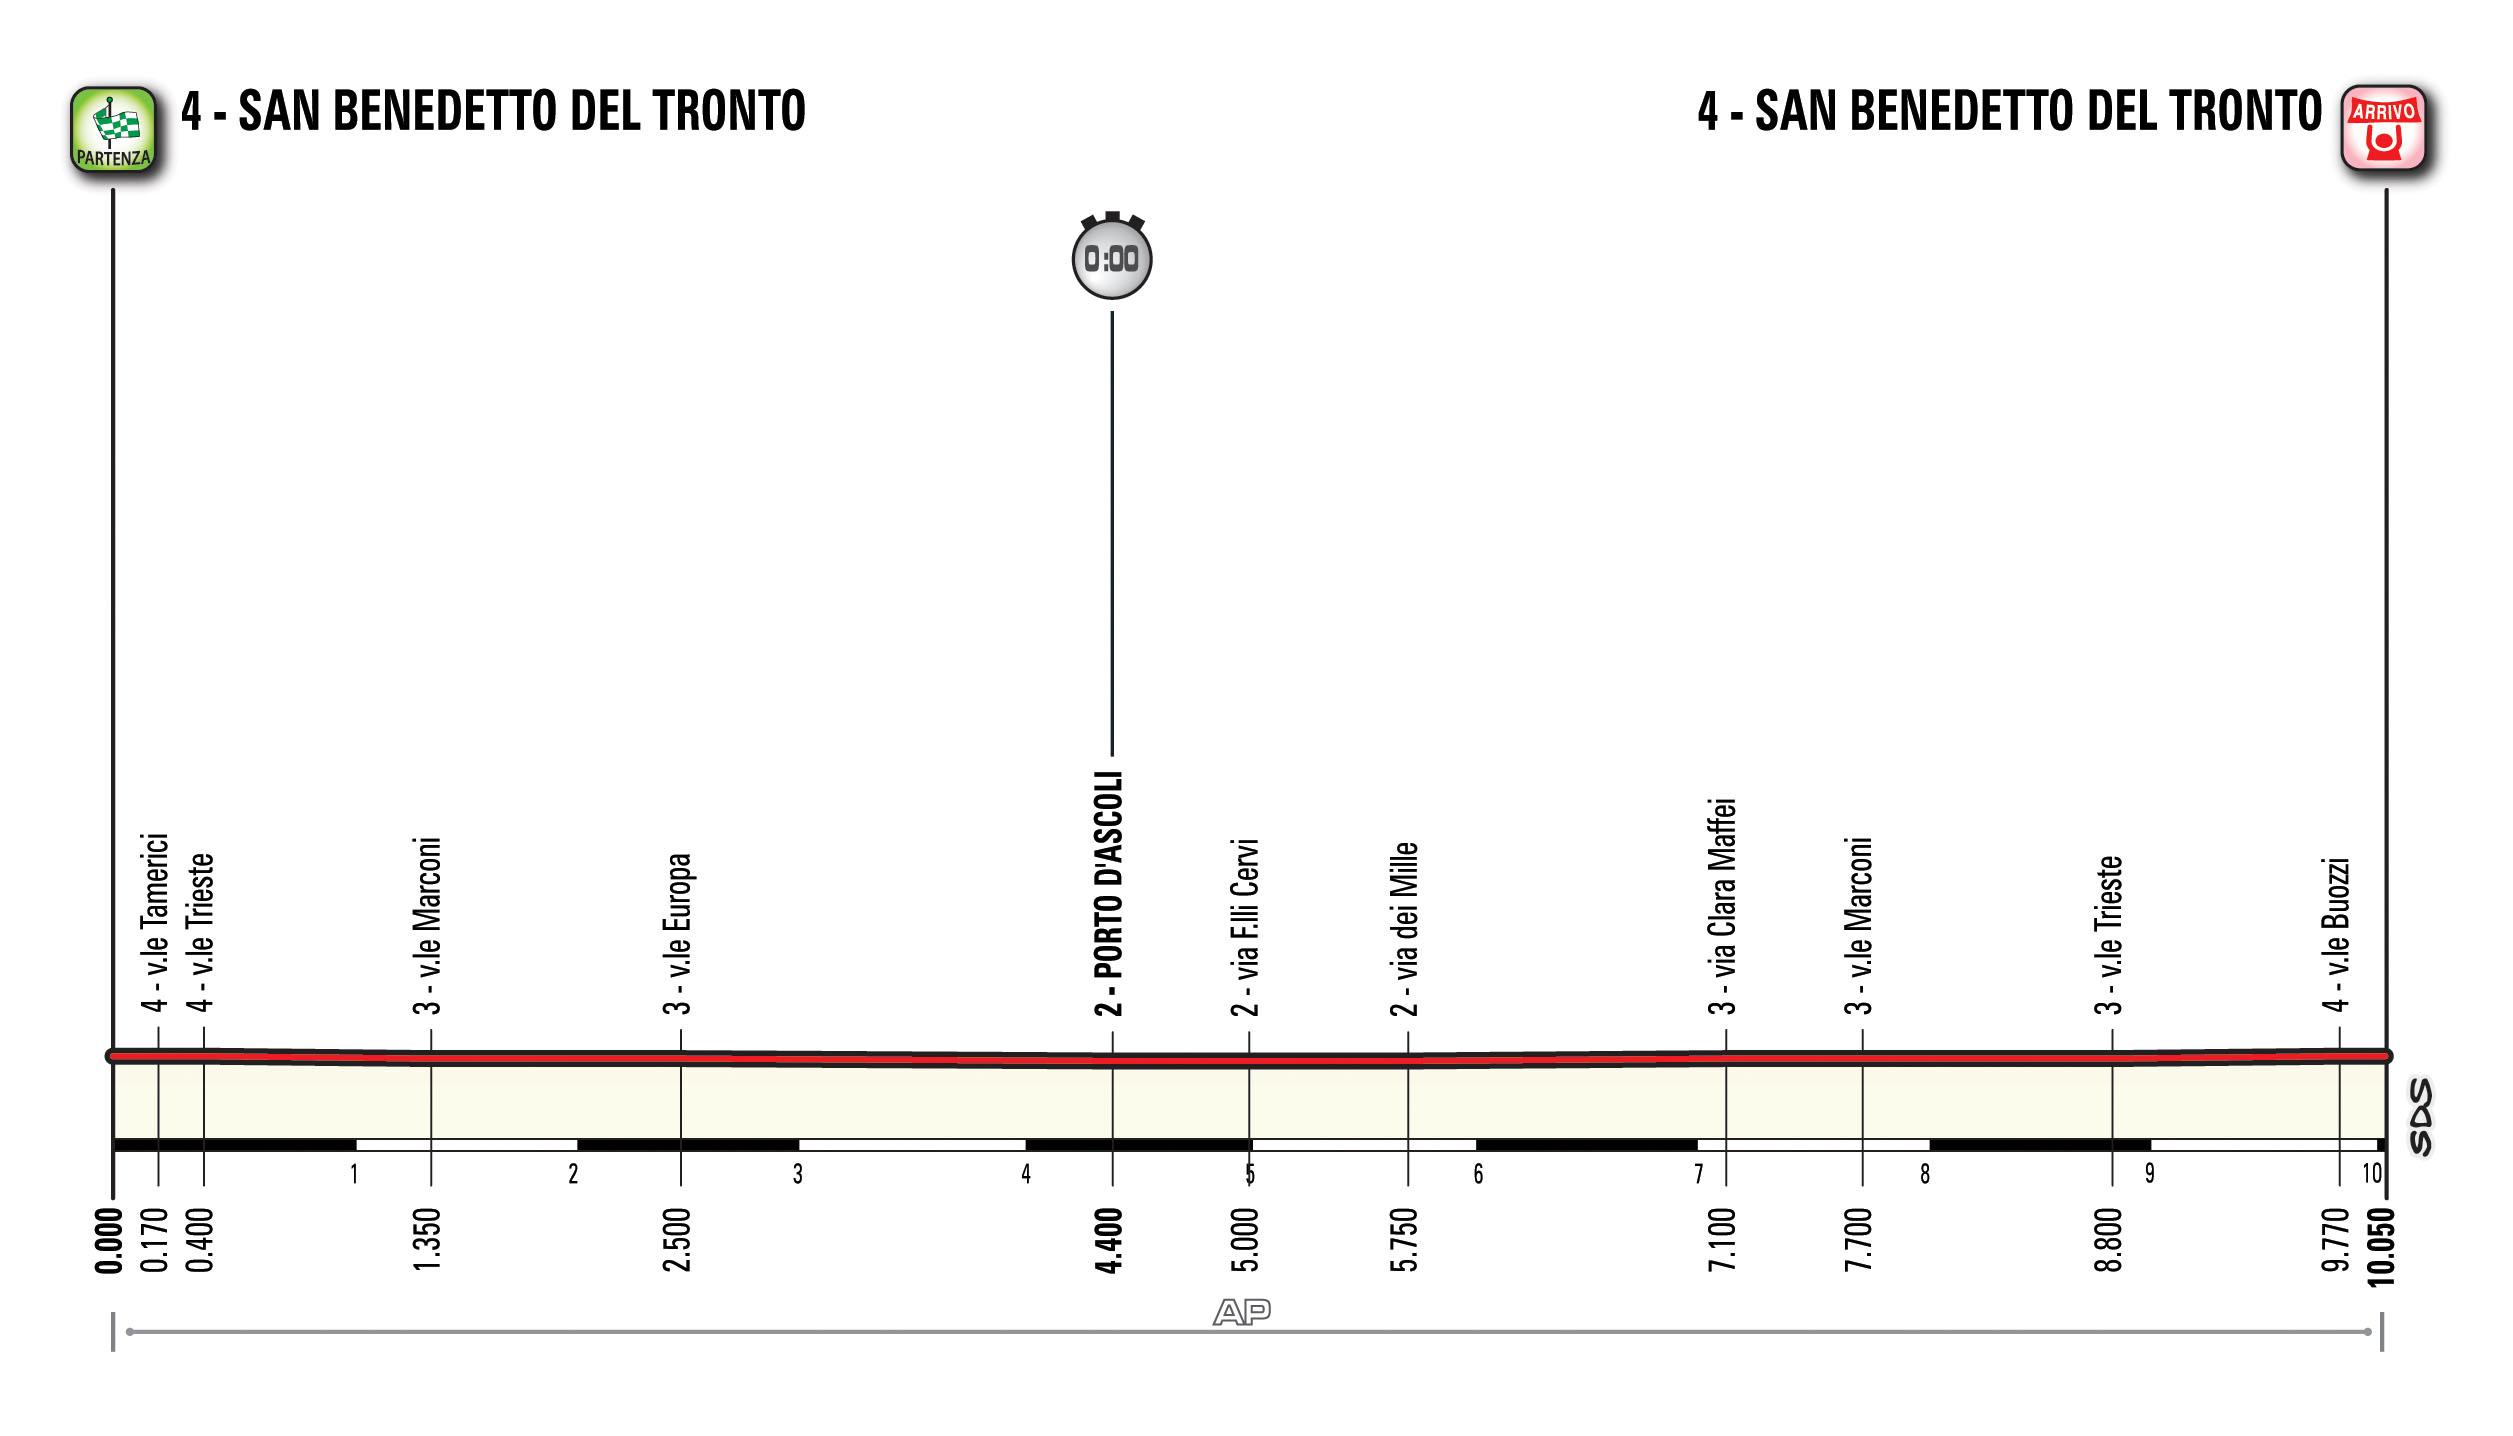 Altimetria della crono finale della Tirreno-Adriatico 2016